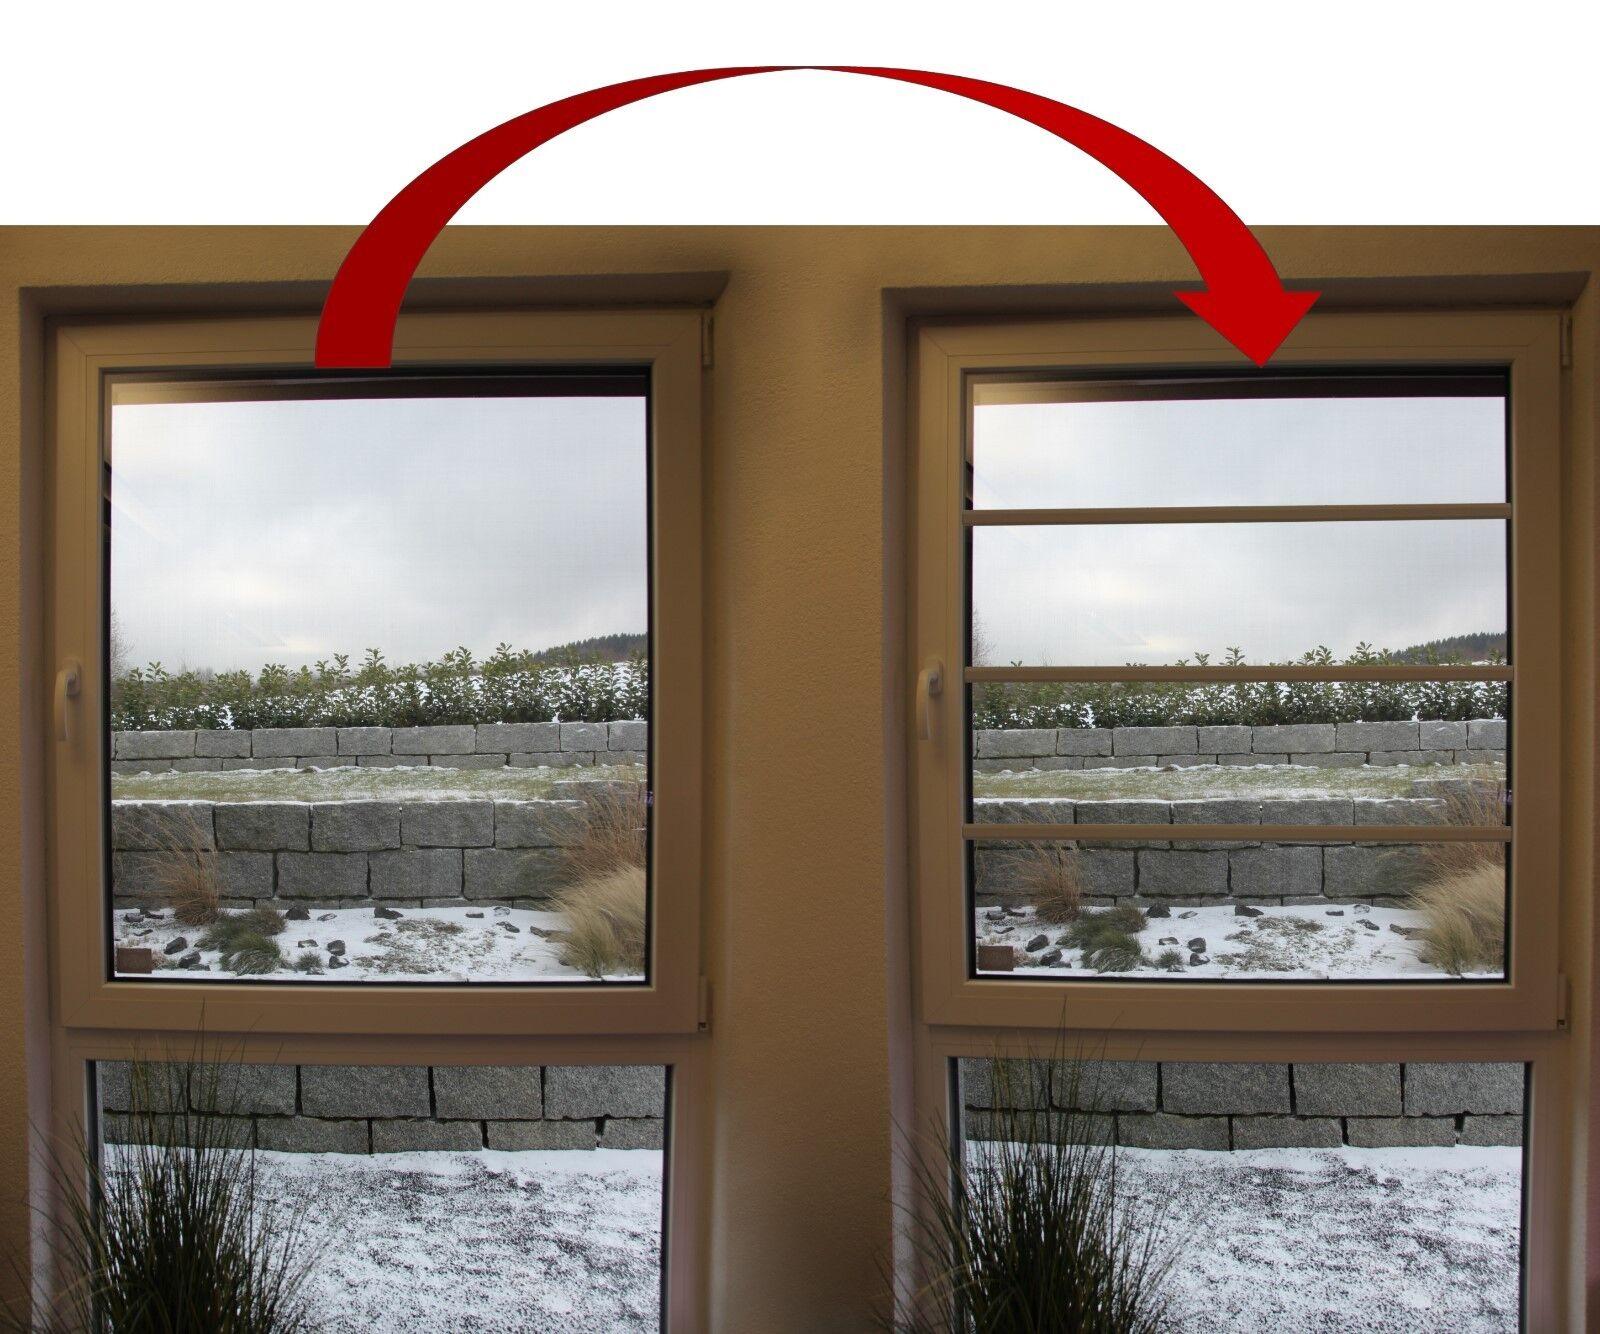 Sprosse zum Nachrüsten - für Fenster - Kunststoff selbstklebend weiß | Mode-Muster  | Quality First  | Verschiedene aktuelle Designs  | Bekannt für seine schöne Qualität